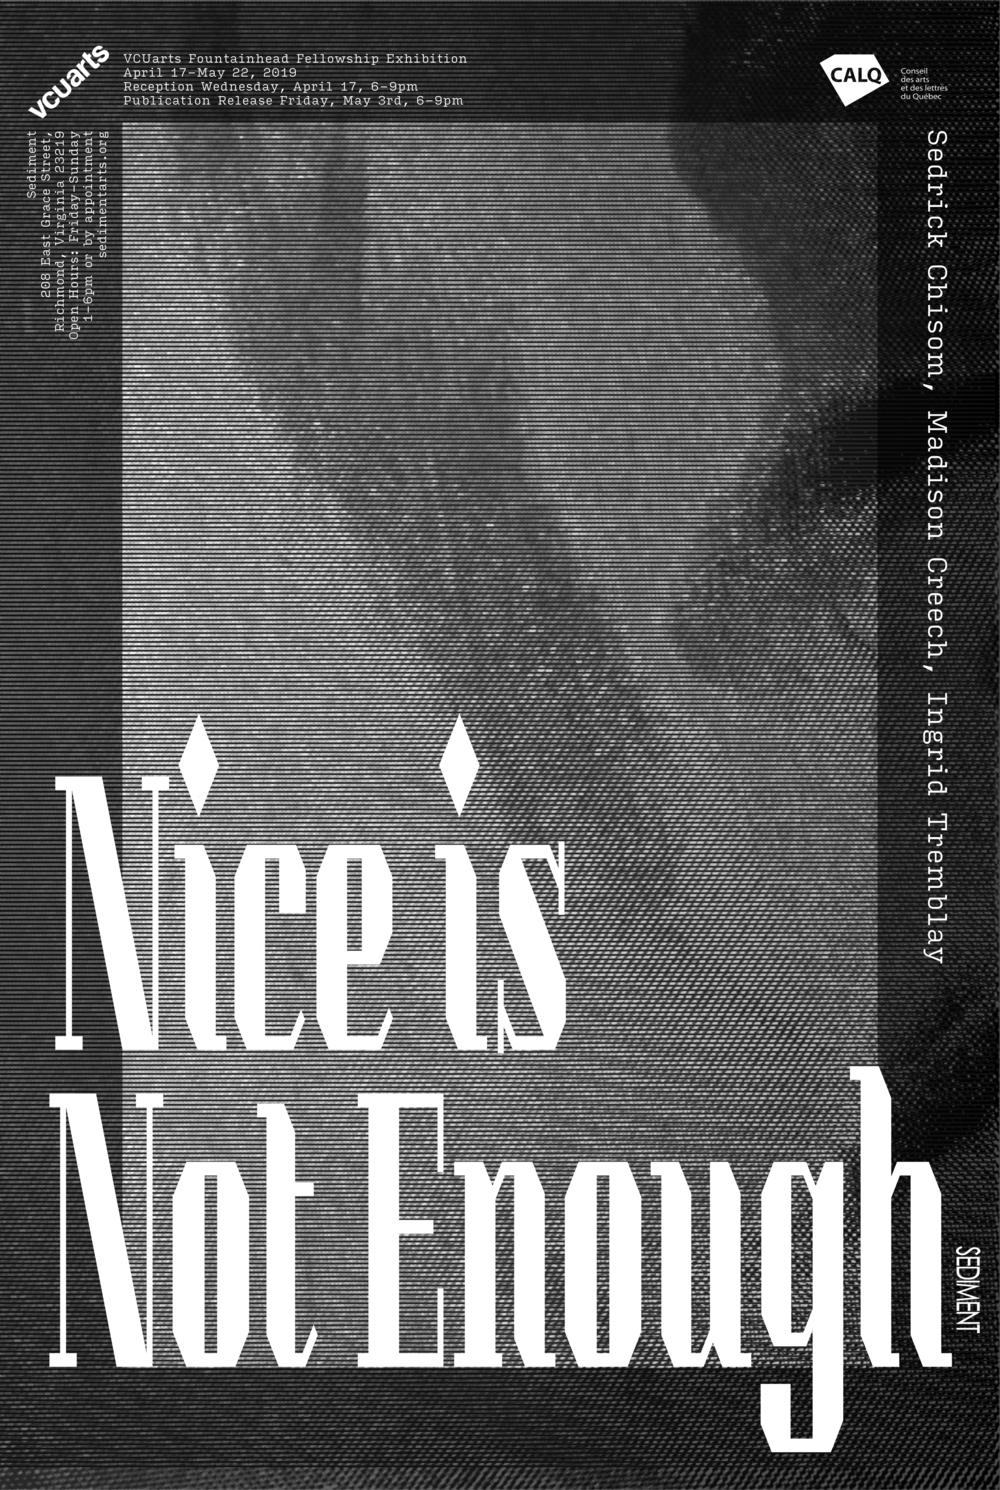 Poster design by Sarah Bauer @_bauersarah